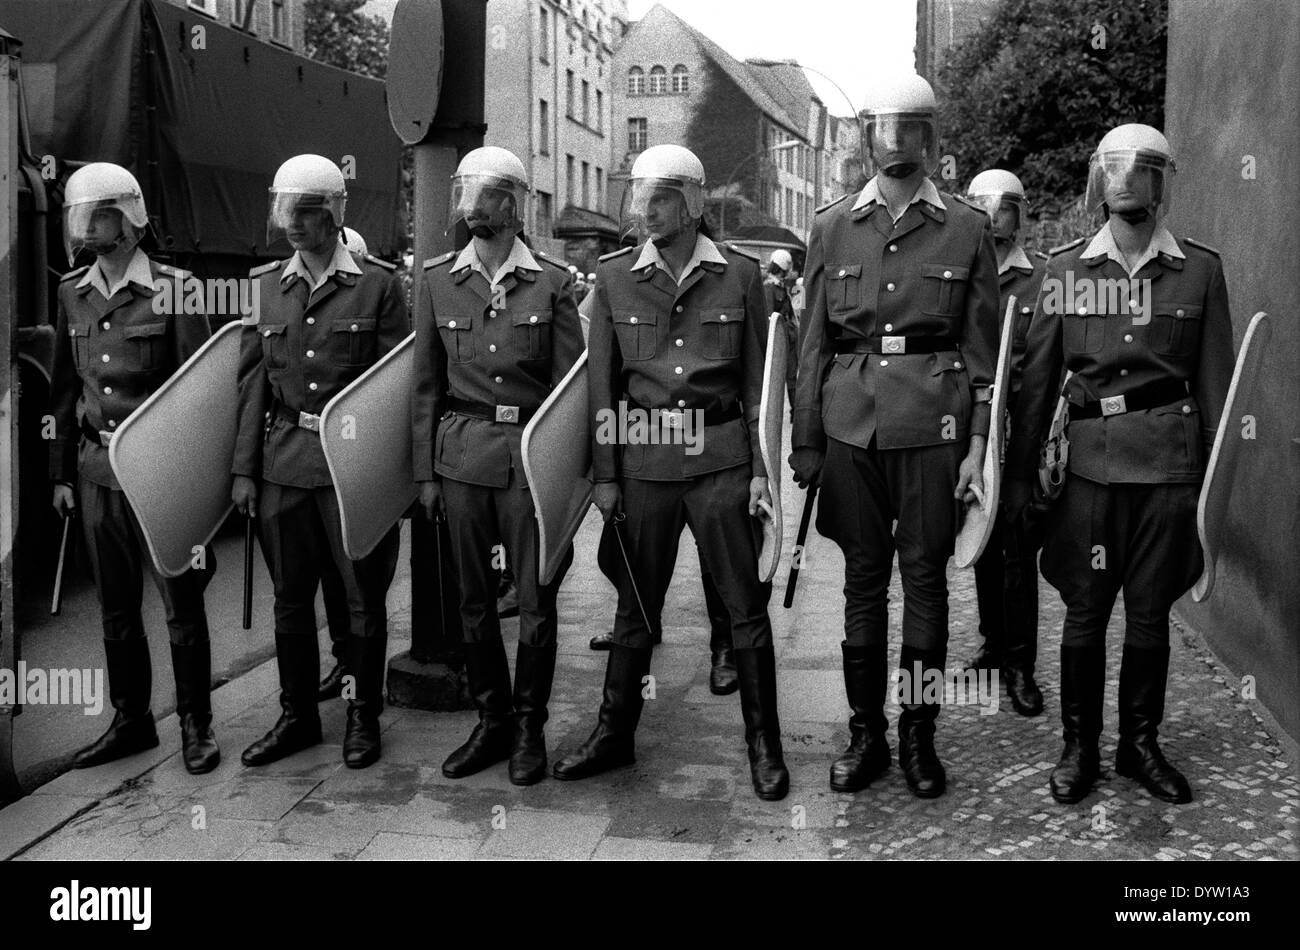 Die Volkspolizei (Volkspolizei Stockfoto, Bild: 68776683 ...